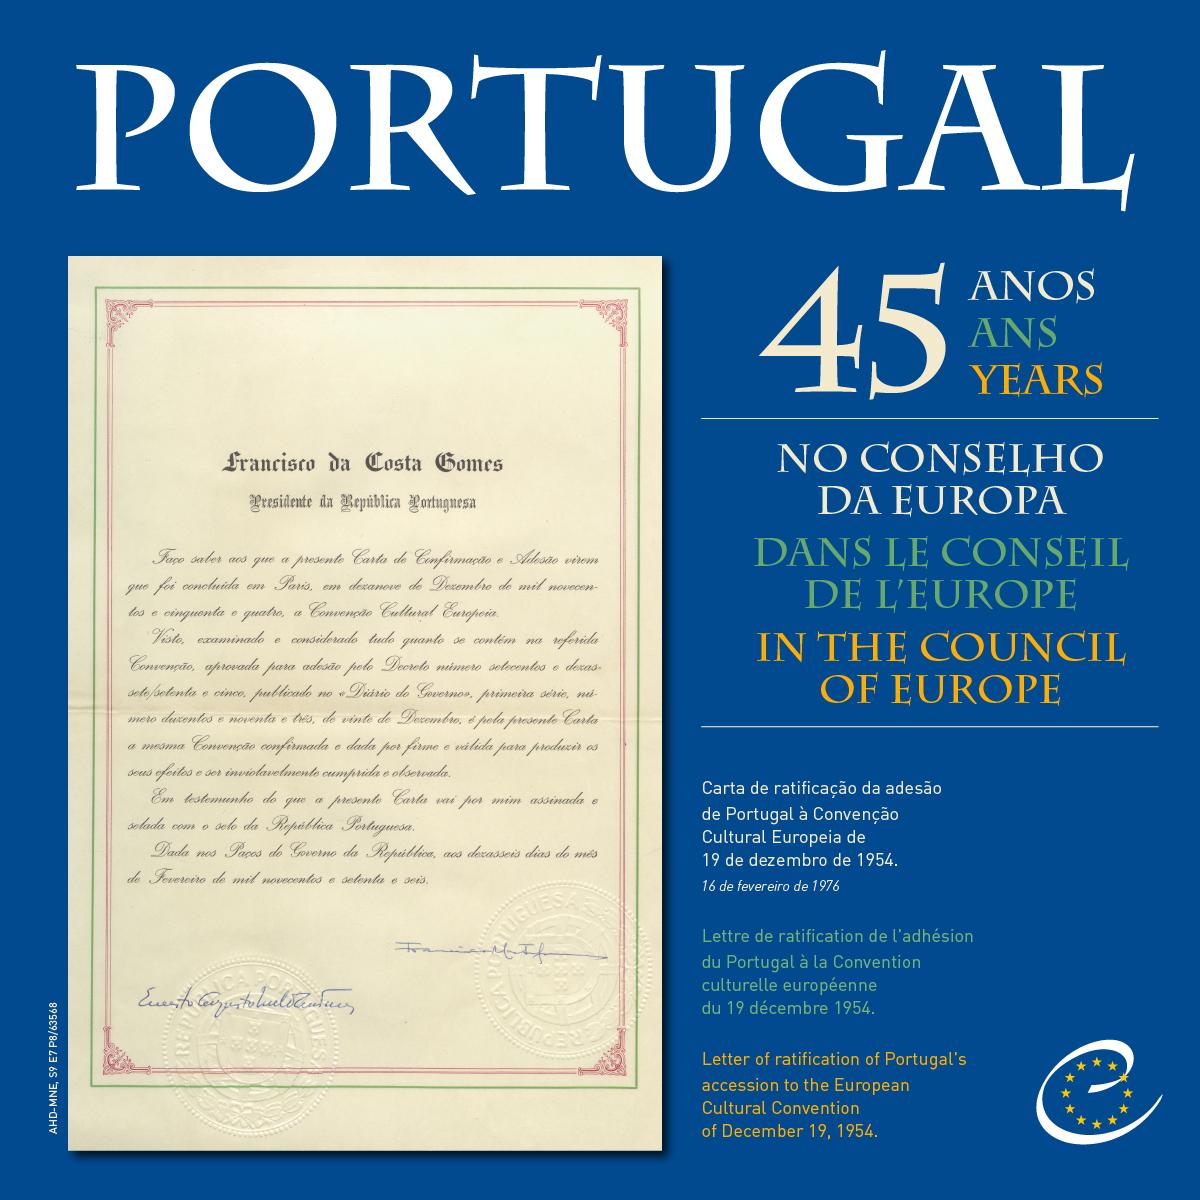 45 anos Portugal Conselho Europeu A